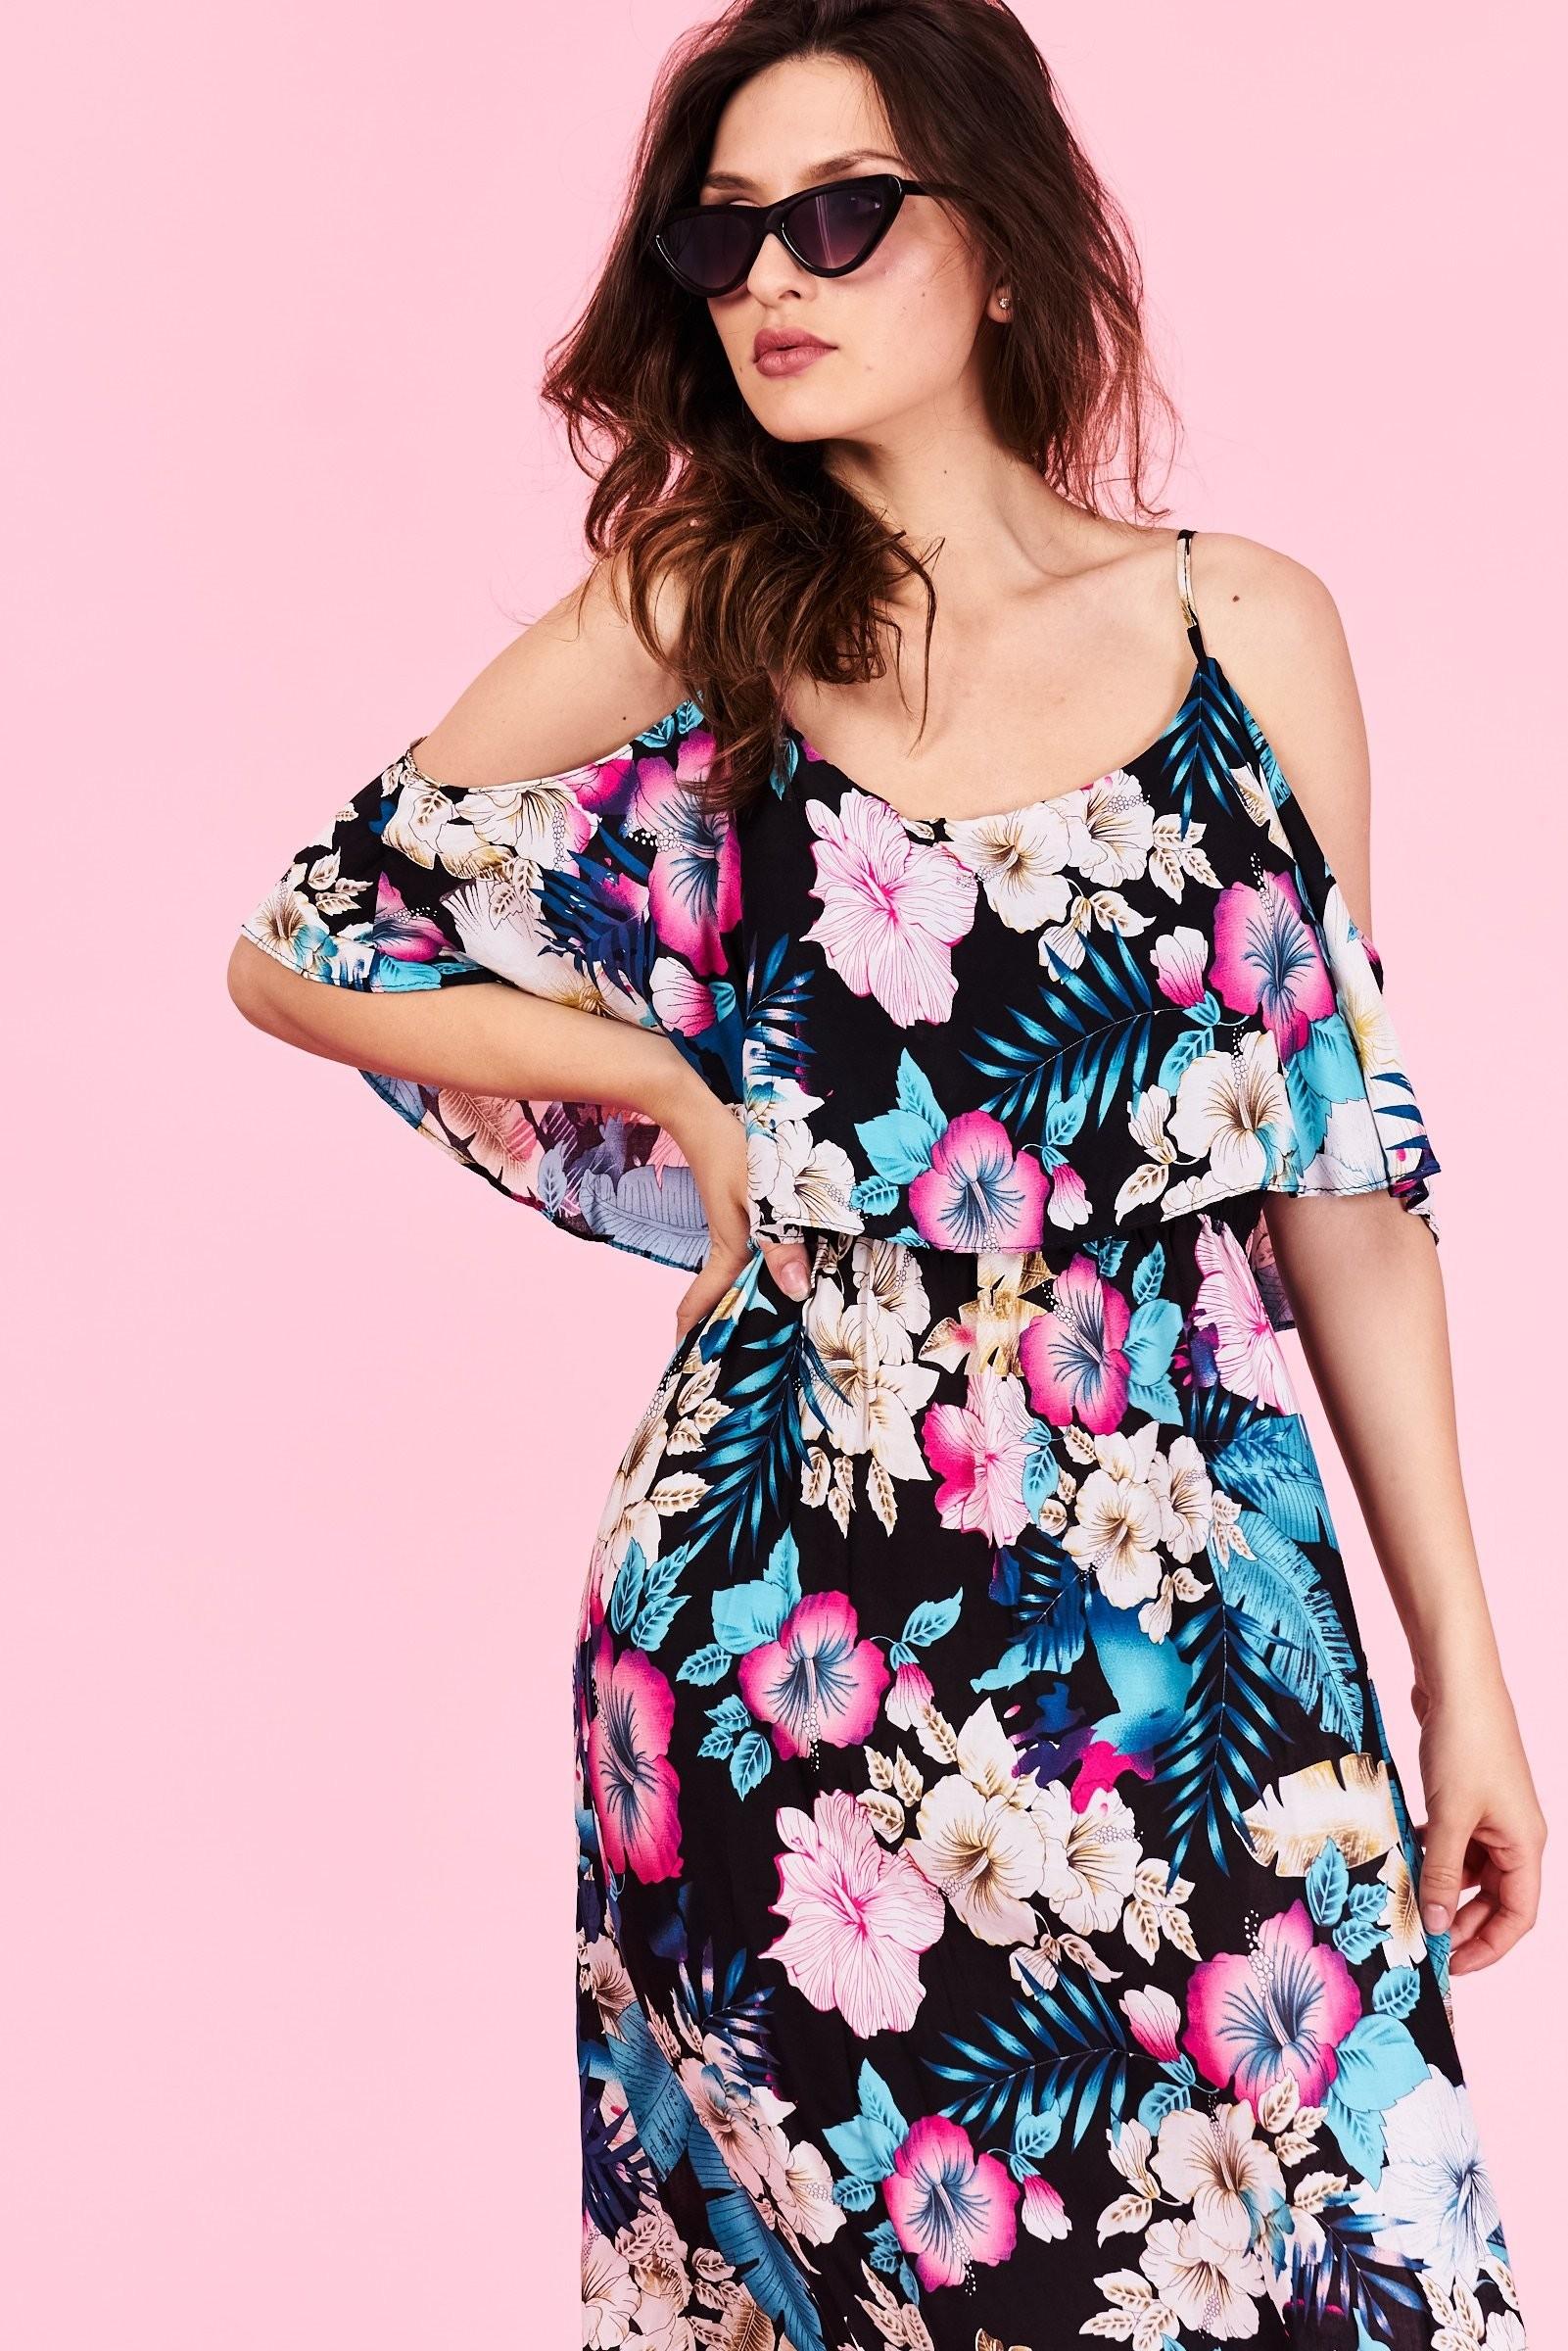 Dlhé letné šaty Londyn Veľkosť   S M a L XL Vyrobené z príjemného a73b370f115